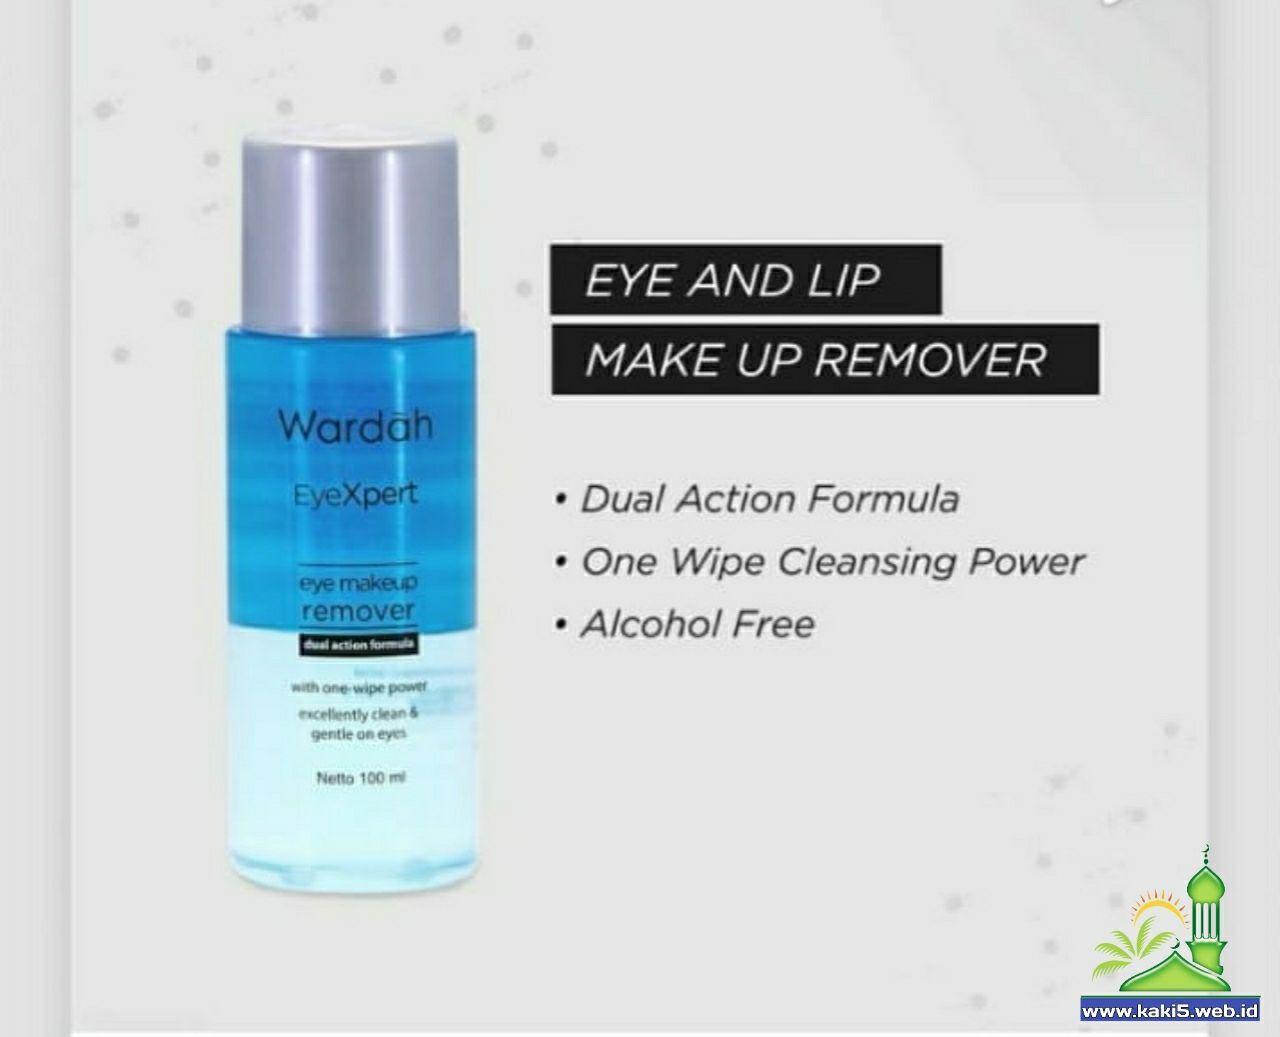 Wardah Eyexpert Eye & Lip